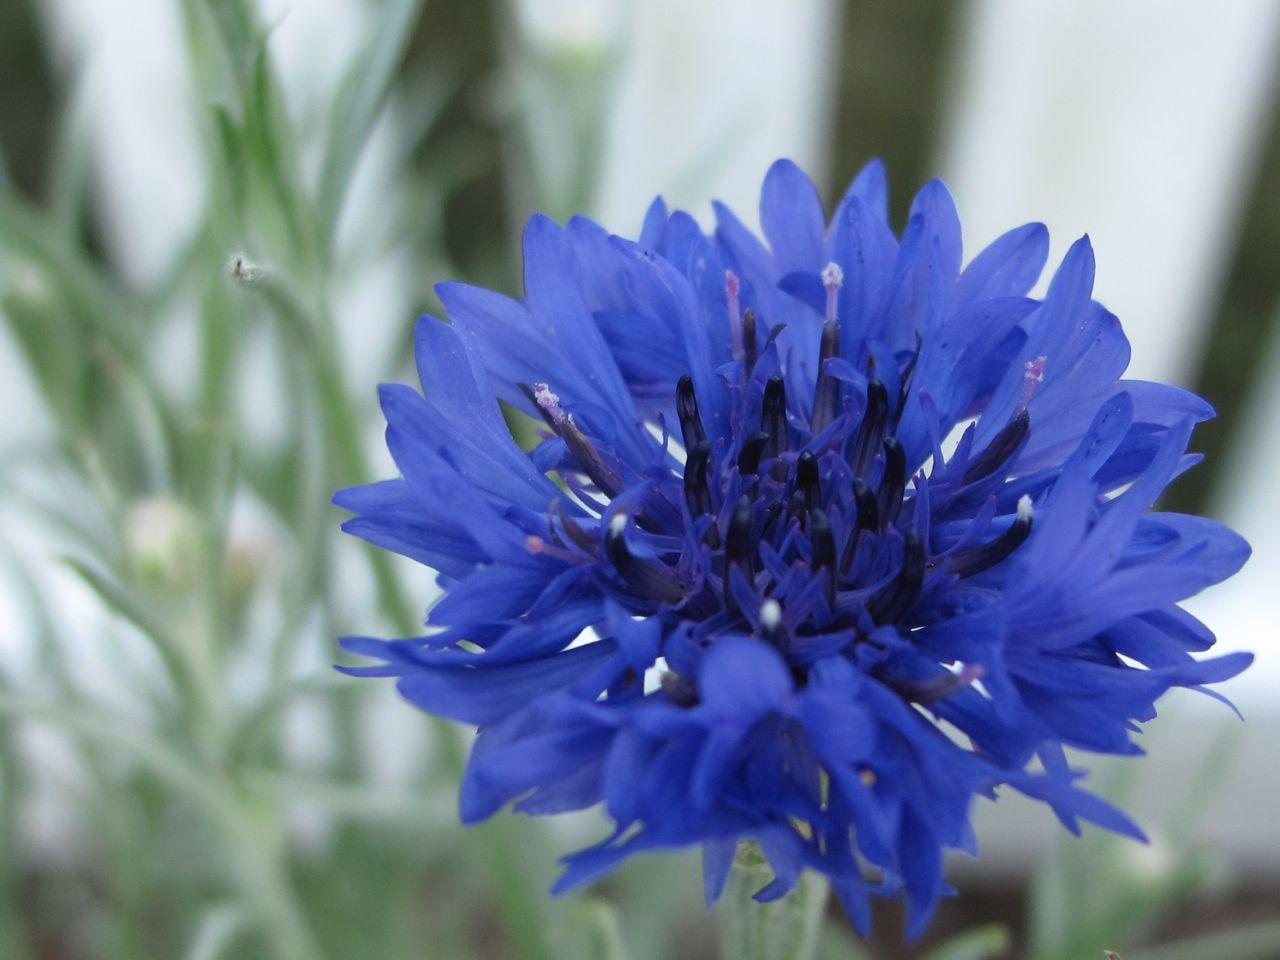 Buddleja davidii 'Adokeep' Adonis Blue Butterfly Bush